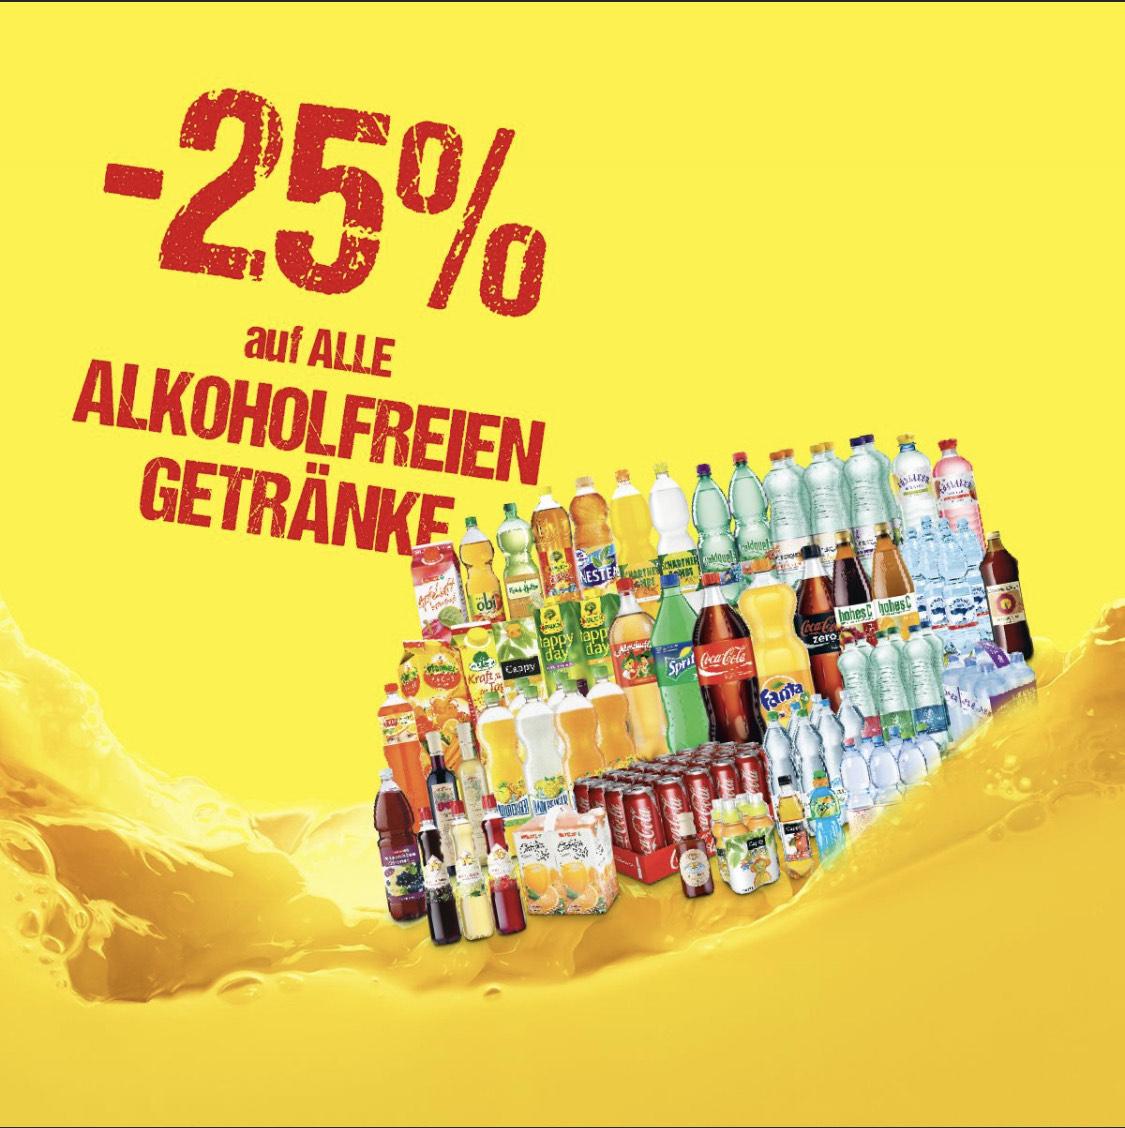 [Maximarkt] -25% auf alle alkoholfreien Getränke